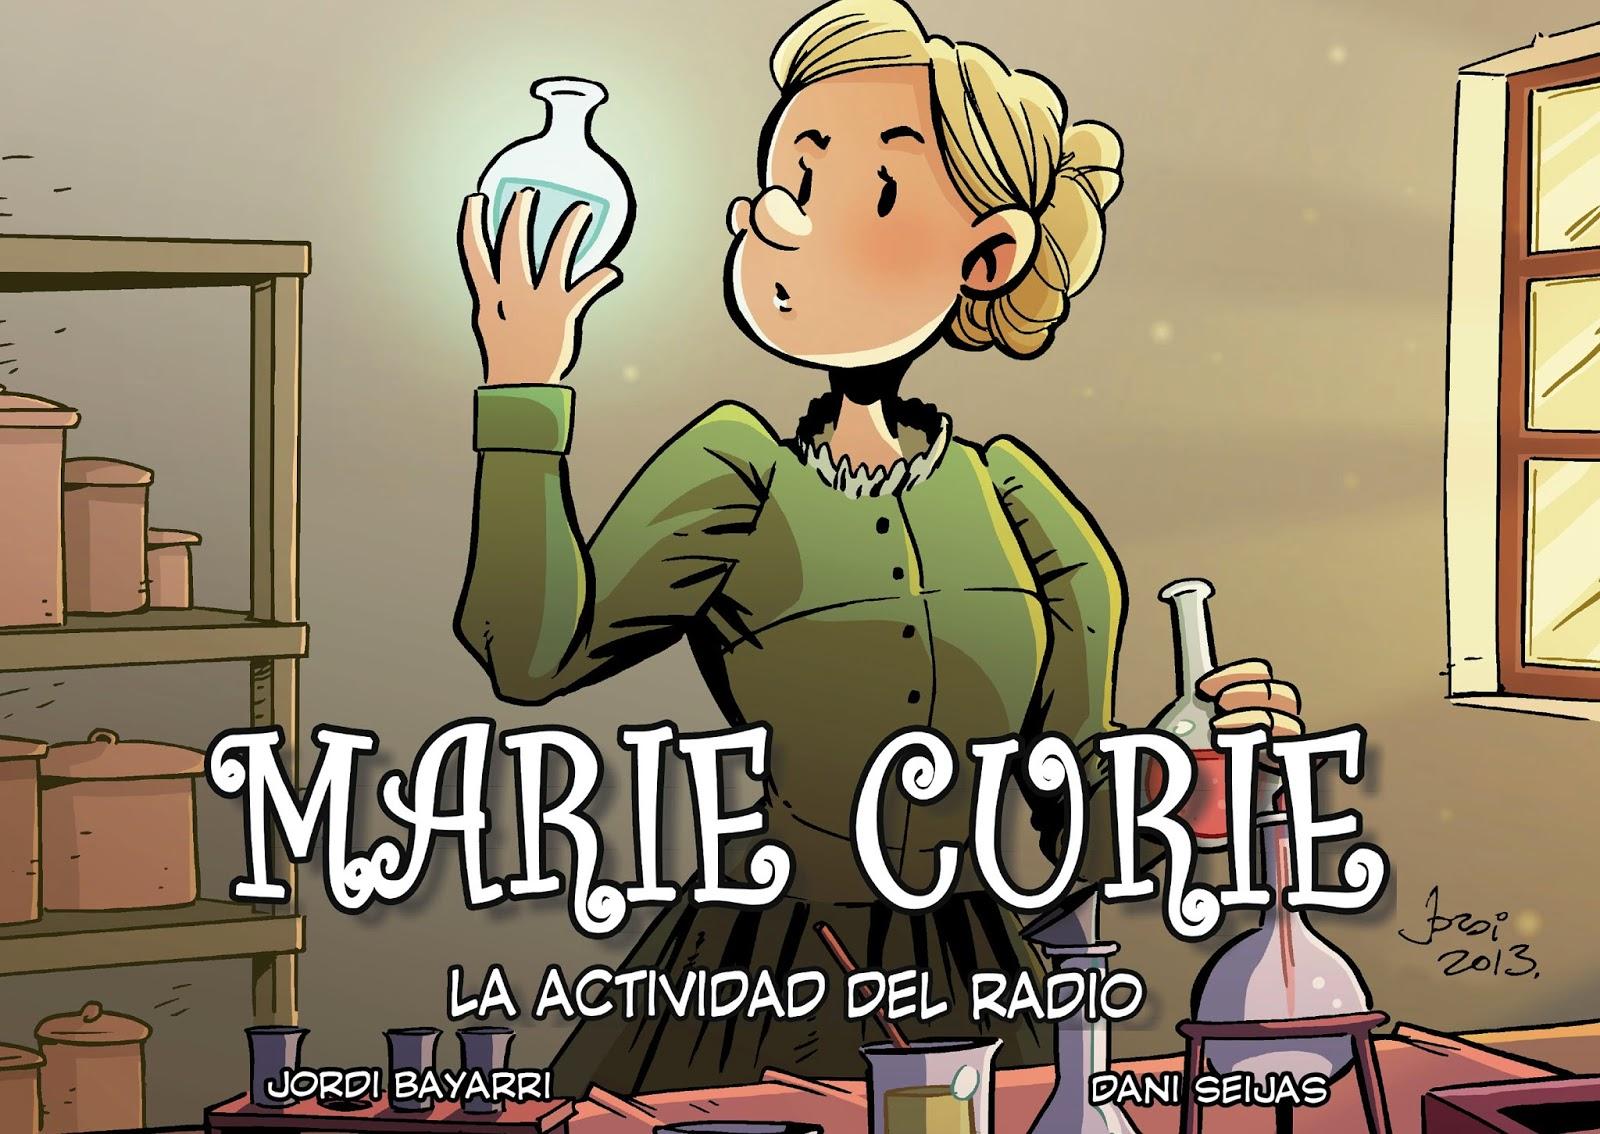 Colección Científicos: Reseña de Marie Curie, la actividad del radio ...